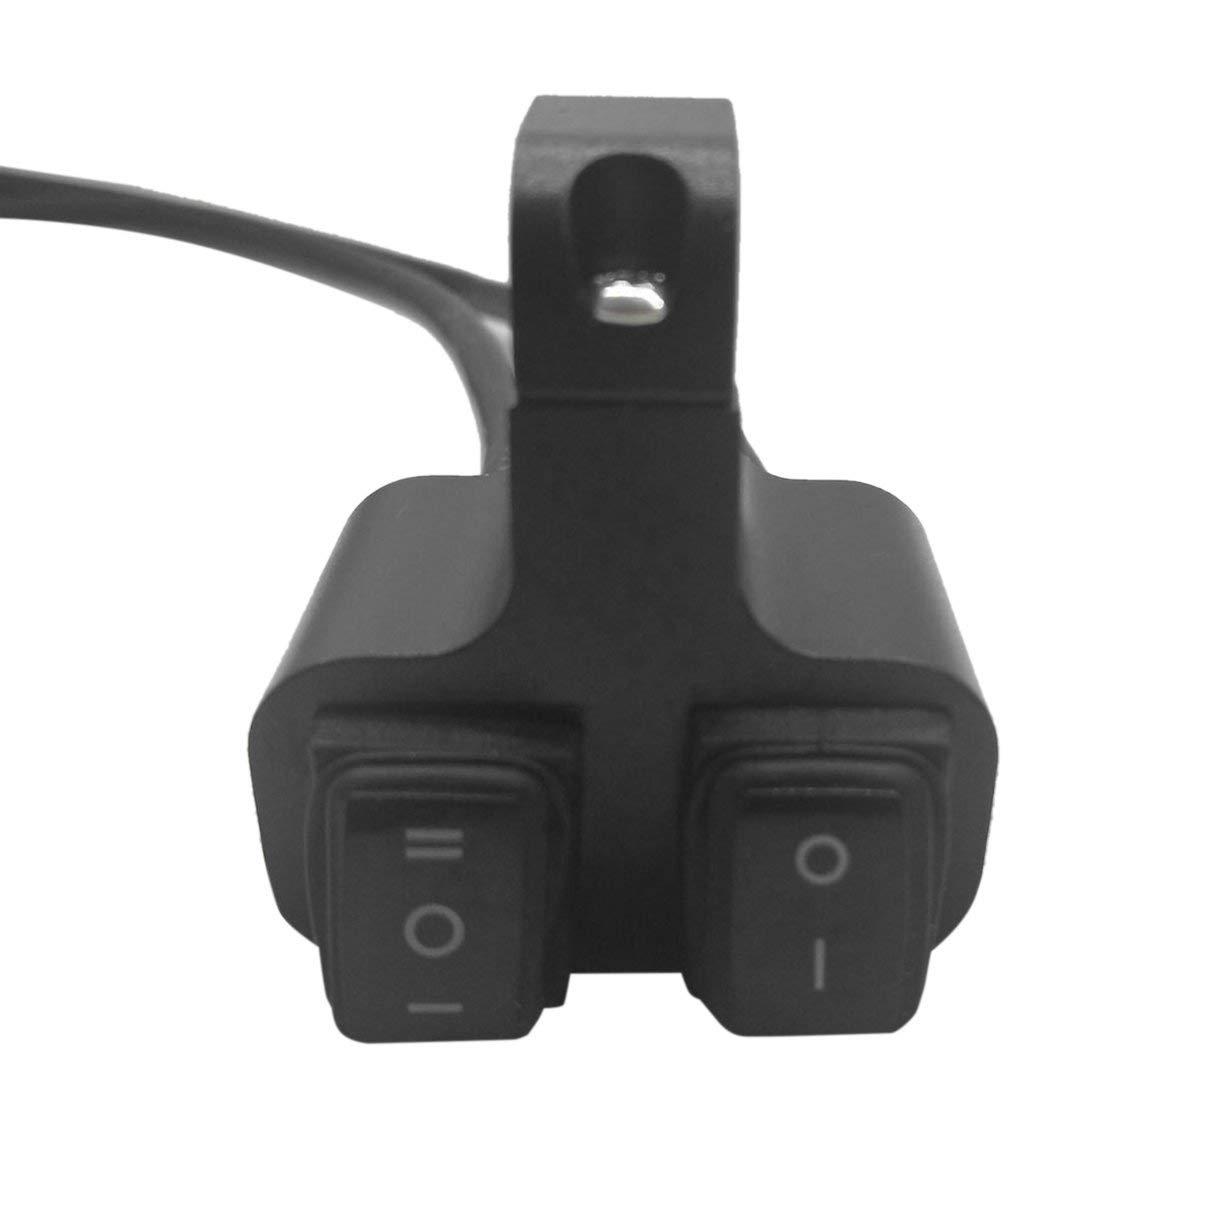 12V Moto Guidon Fixé Double Flash Switch 3 Engrenages Faisceau Haut Faisceau Faisceau Allumage LED Interrupteur De Phare JullyeFRgant